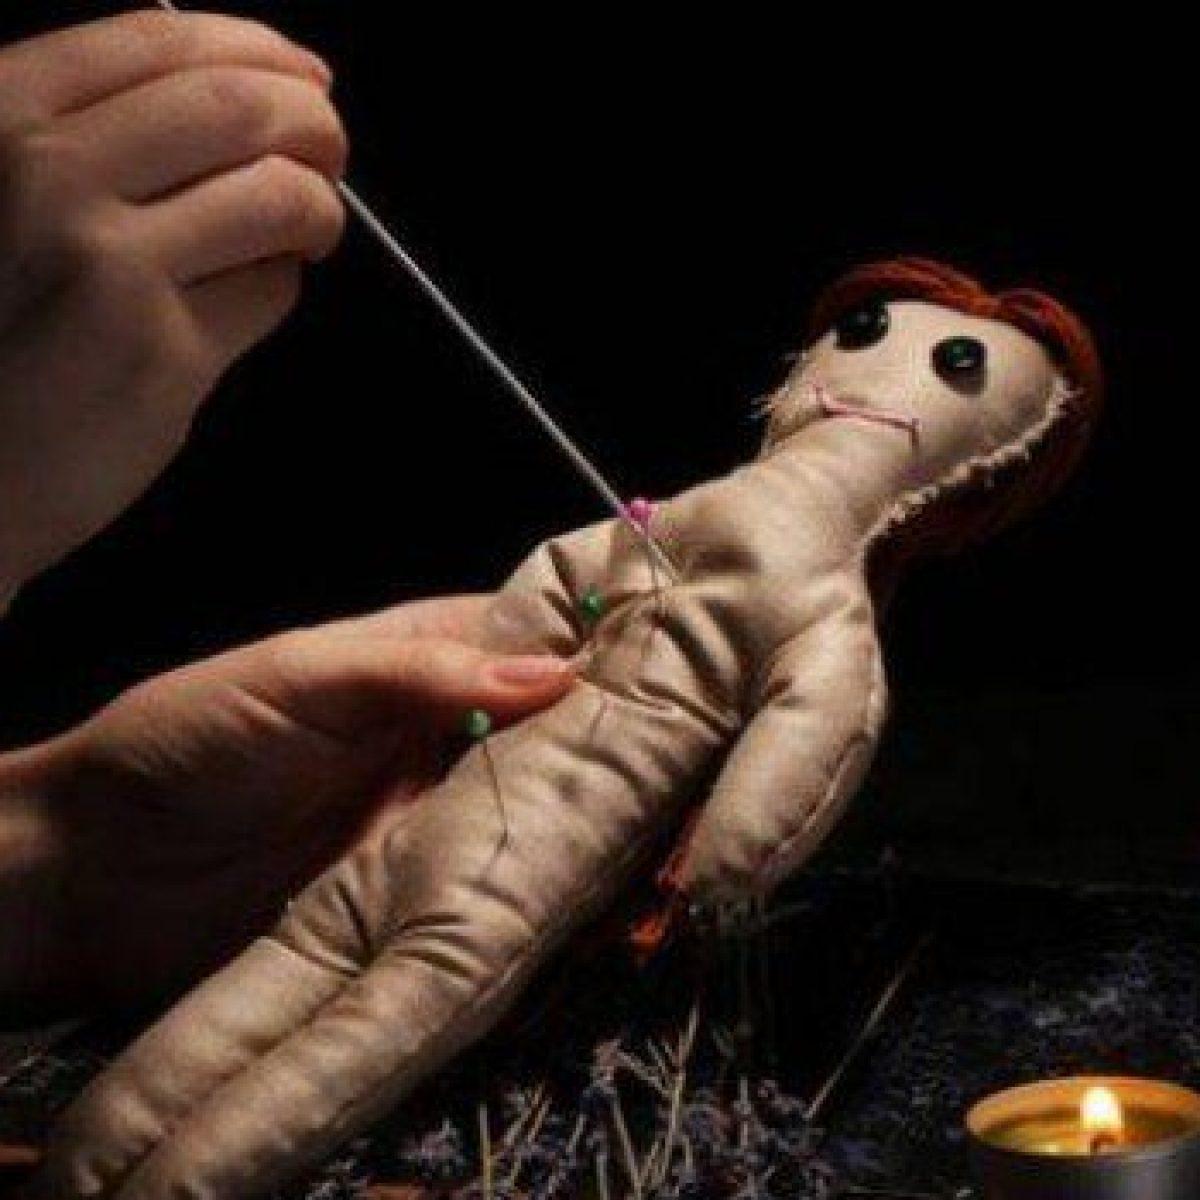 Lui Chiede Divorzio Lei Gli Fa Un Rito Voodoo Bambola Con Spilli Sul Corpo L Uomo Si Sente Male